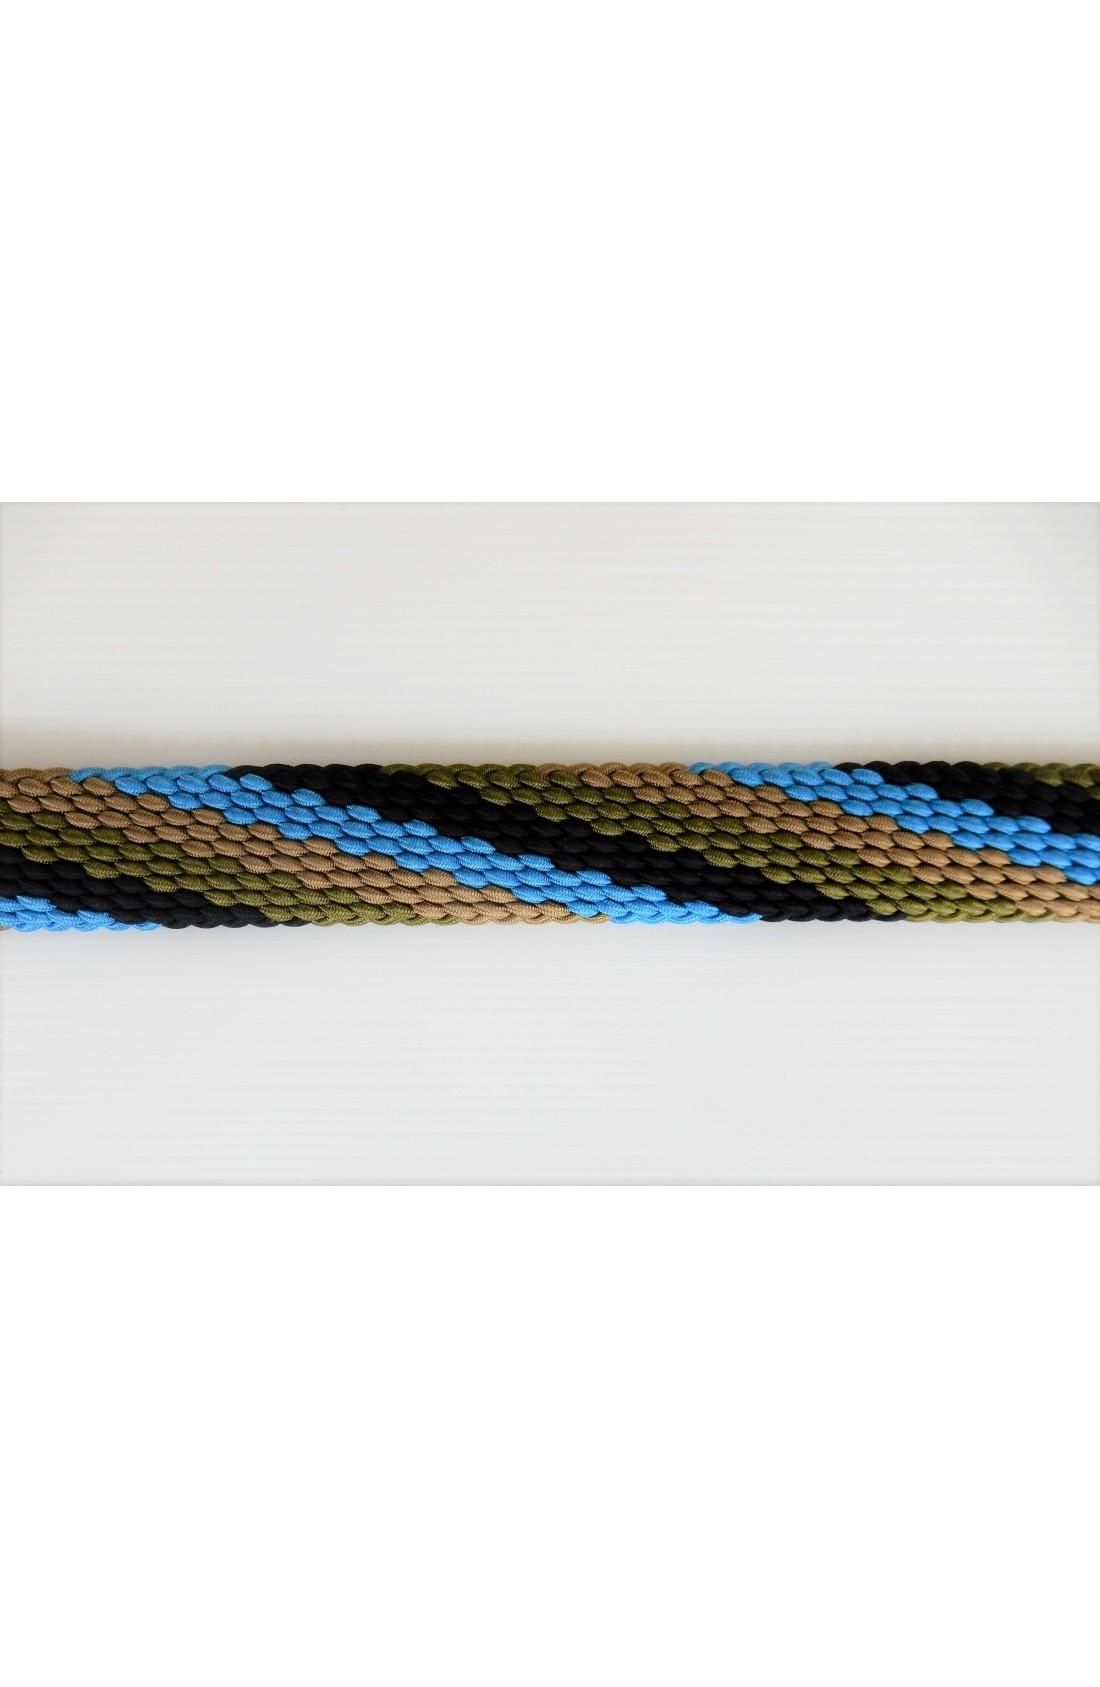 art. 97 INTRECCIO WAVES mm.35 col. azzurro - nocciola - verde militare - nero (2)